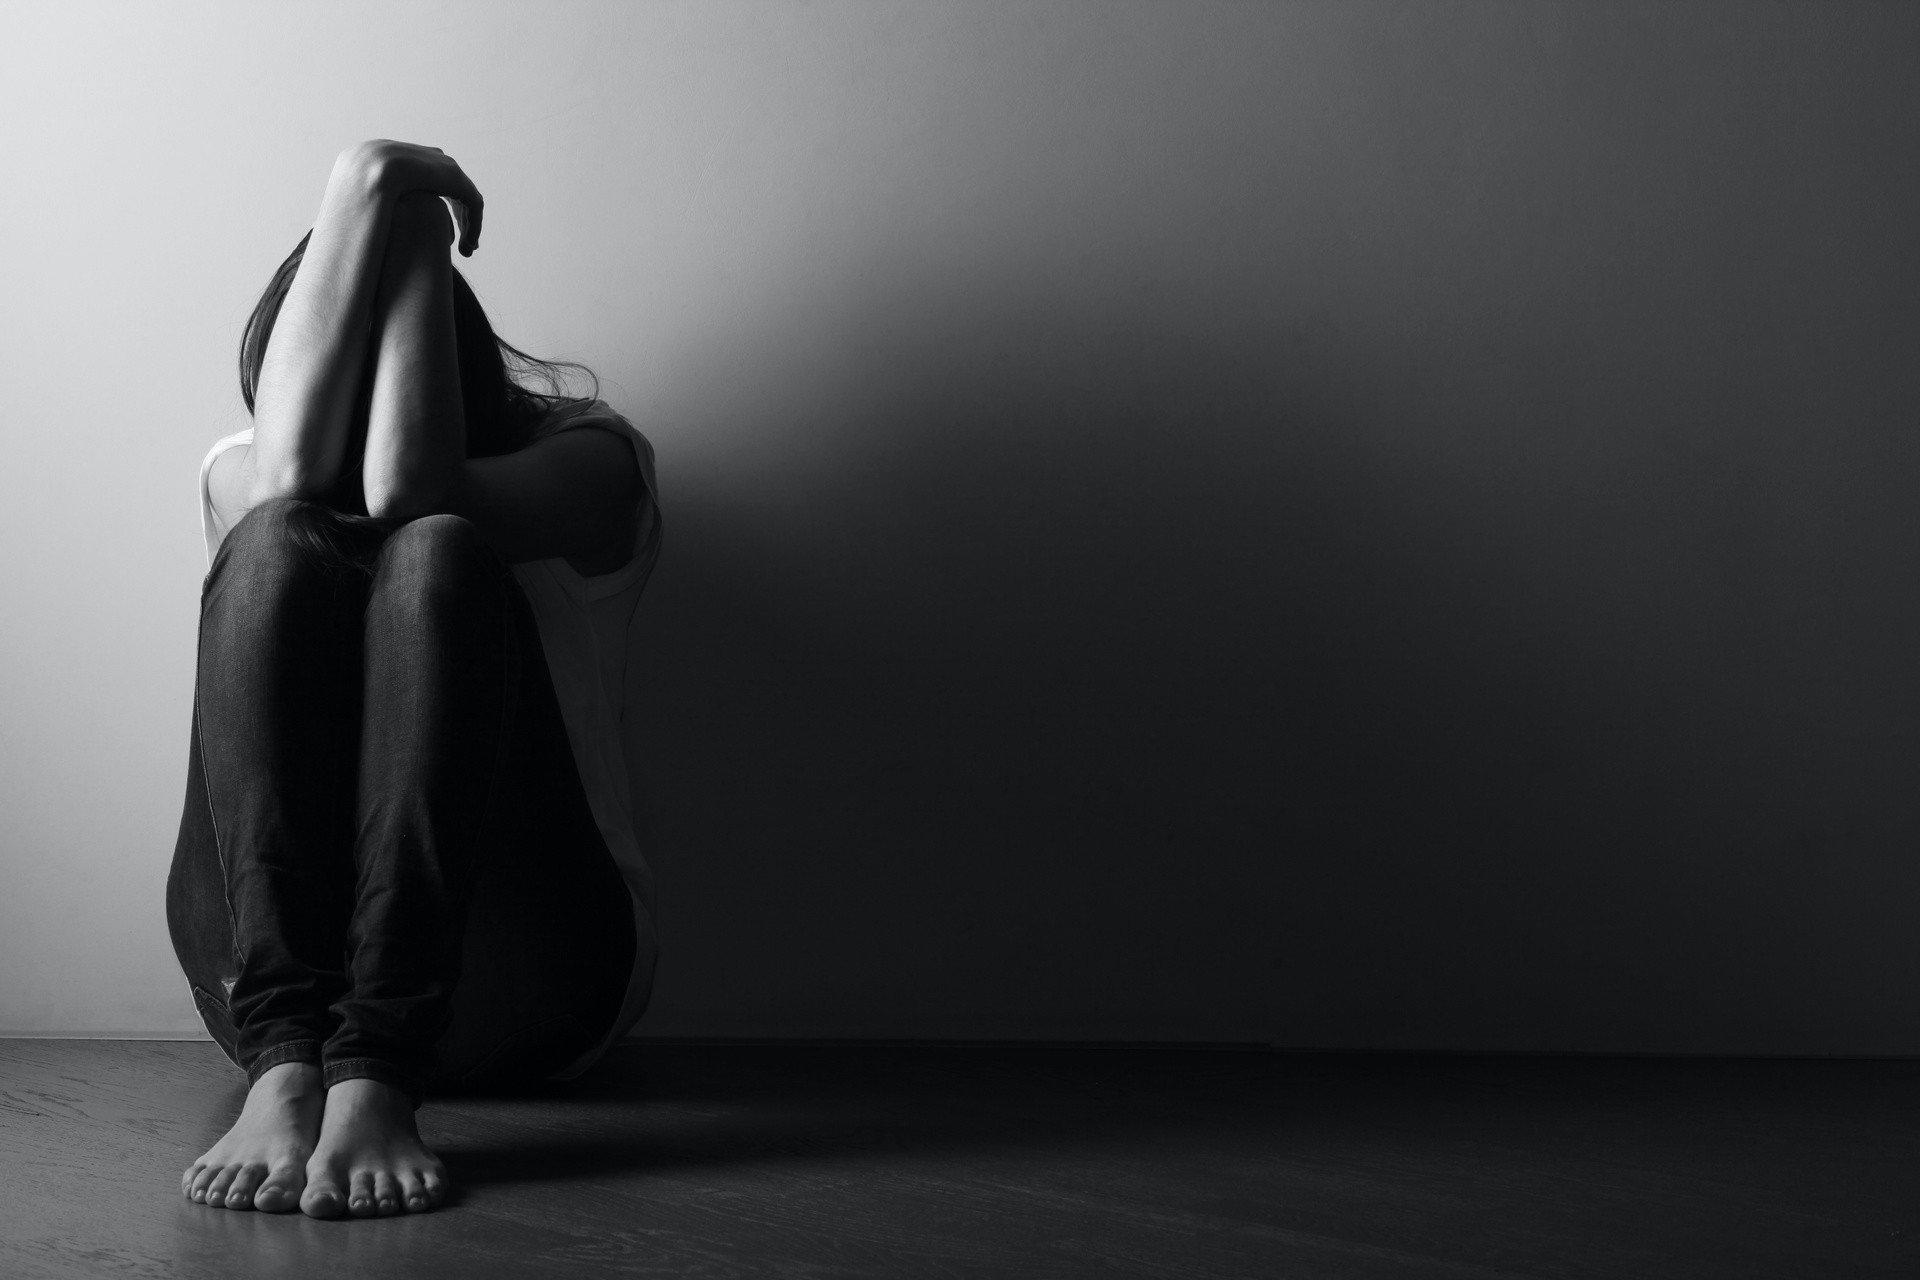 23 lutego - Ogólnopolski Dzień Walki z Depresją | Express Ilustrowany